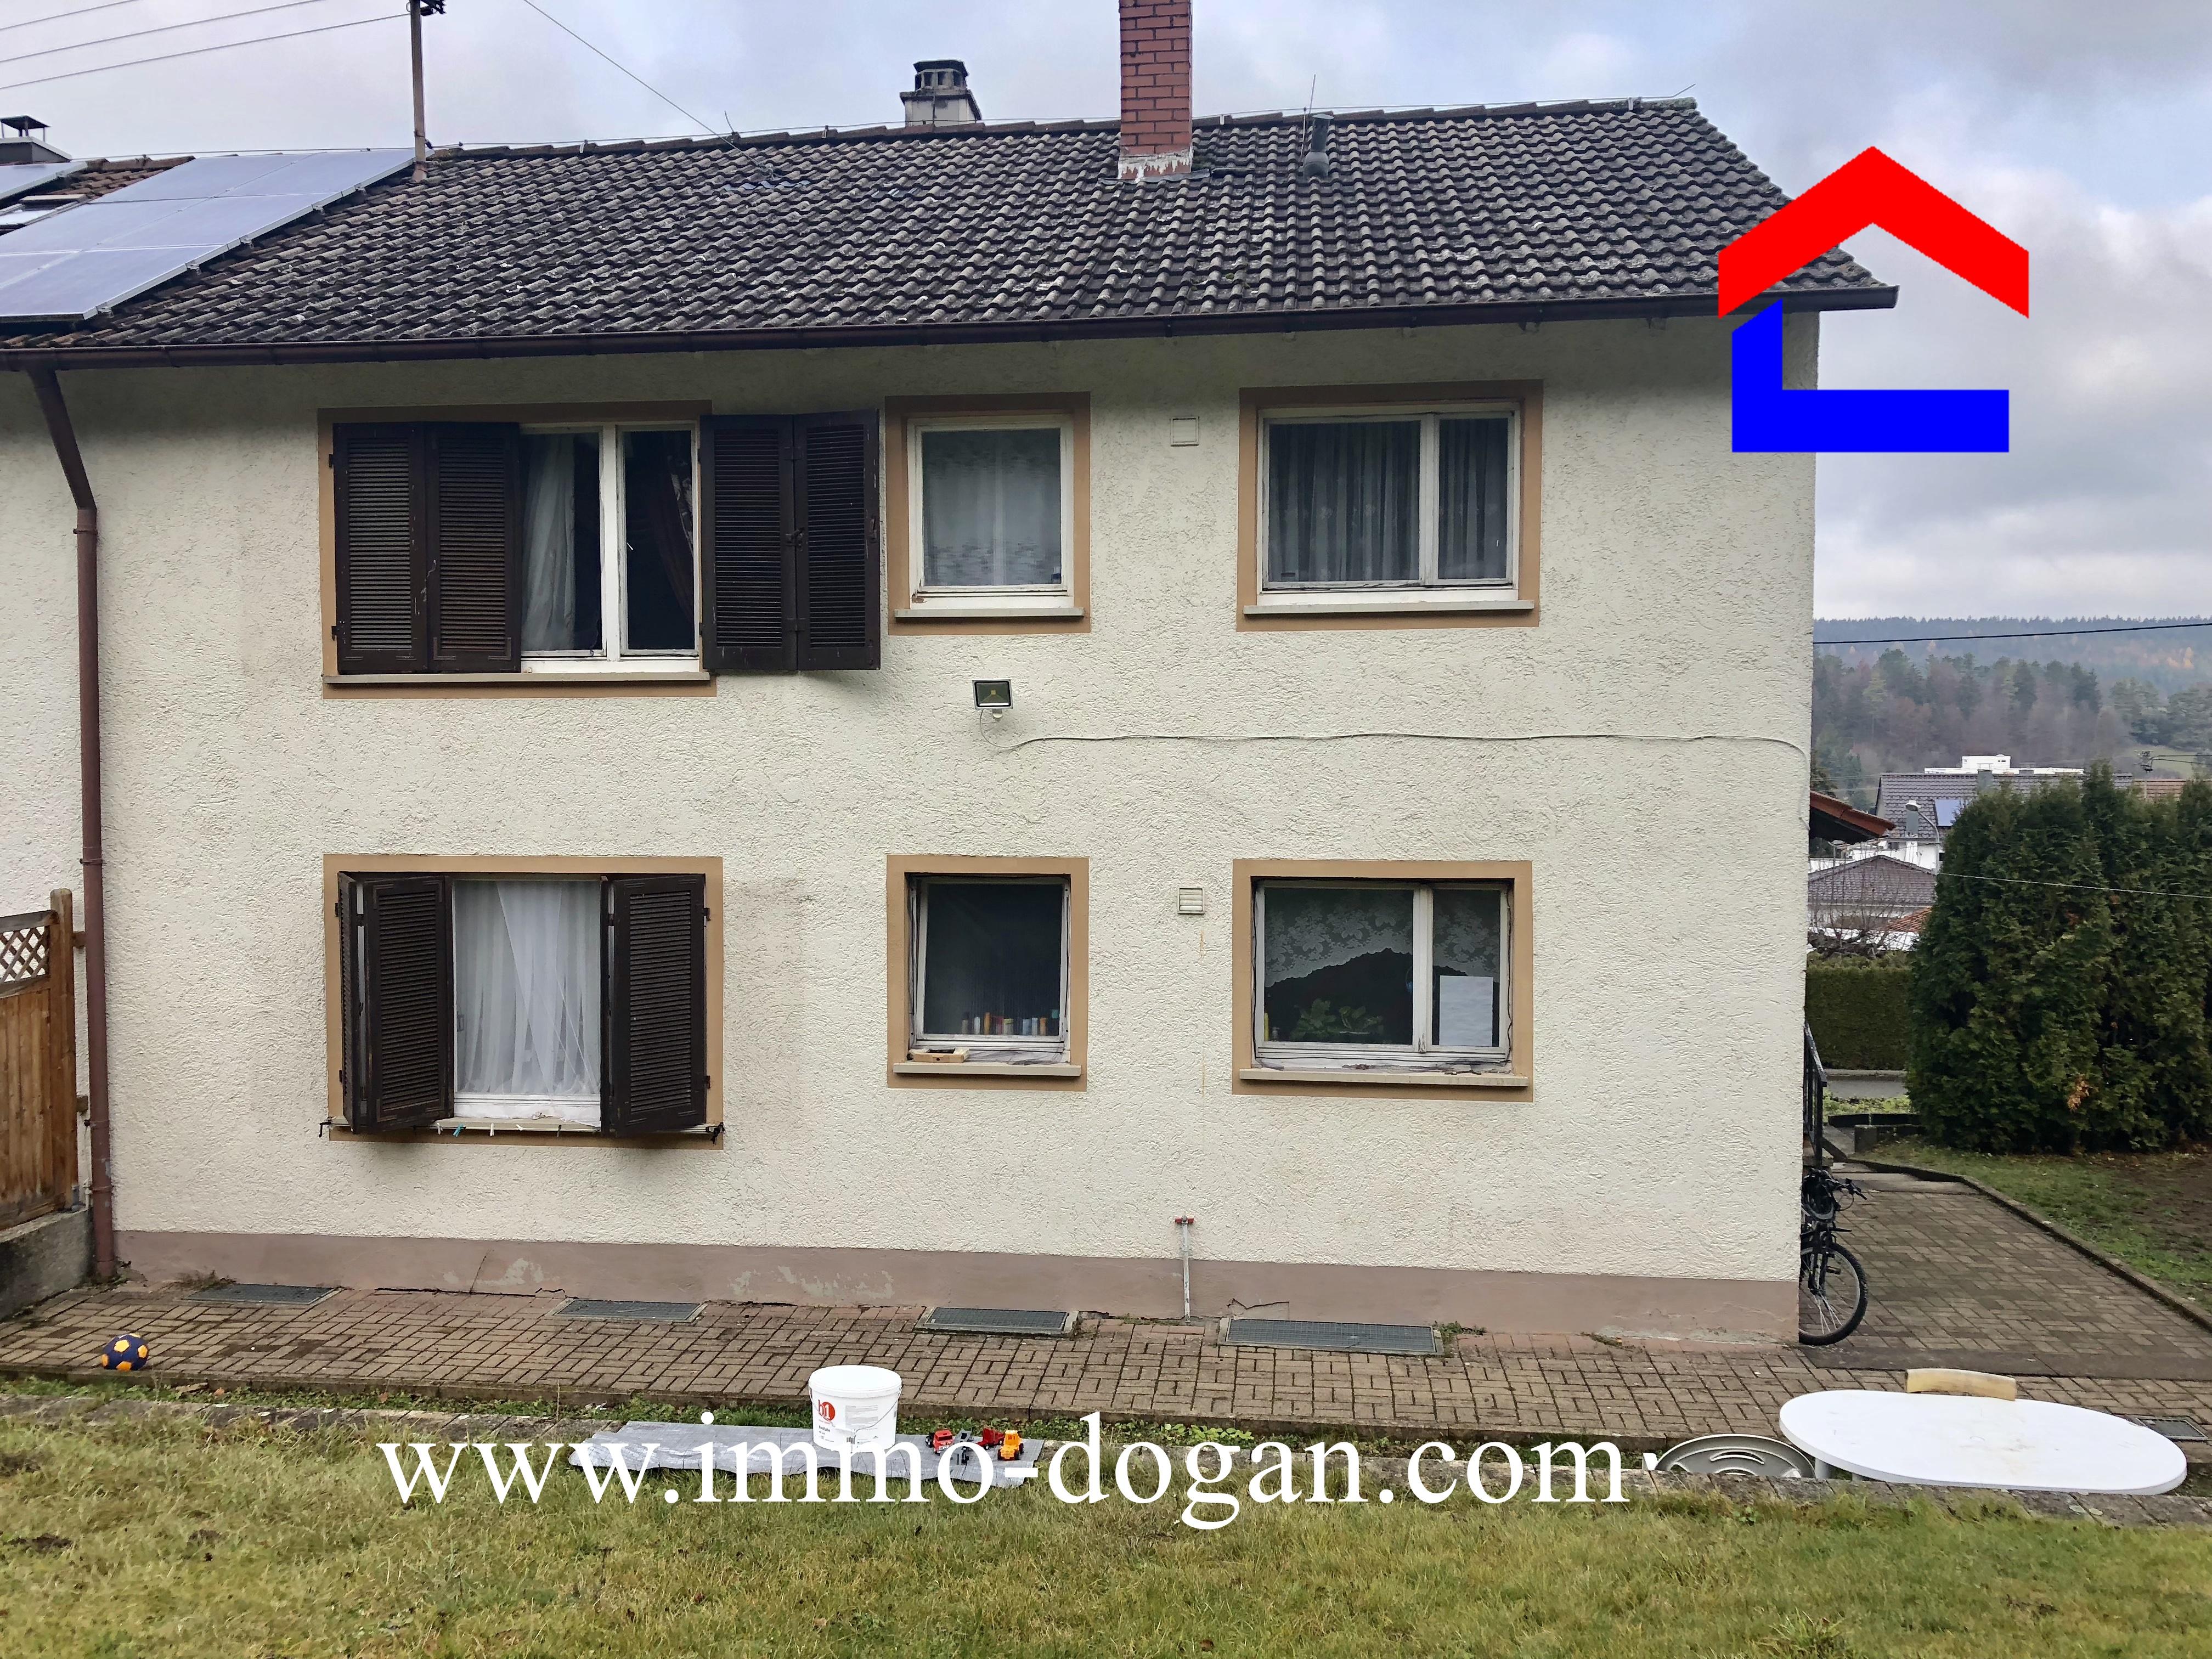 Doppelhaushälfte mit Garten Tuttlingen Dogan Immobilien